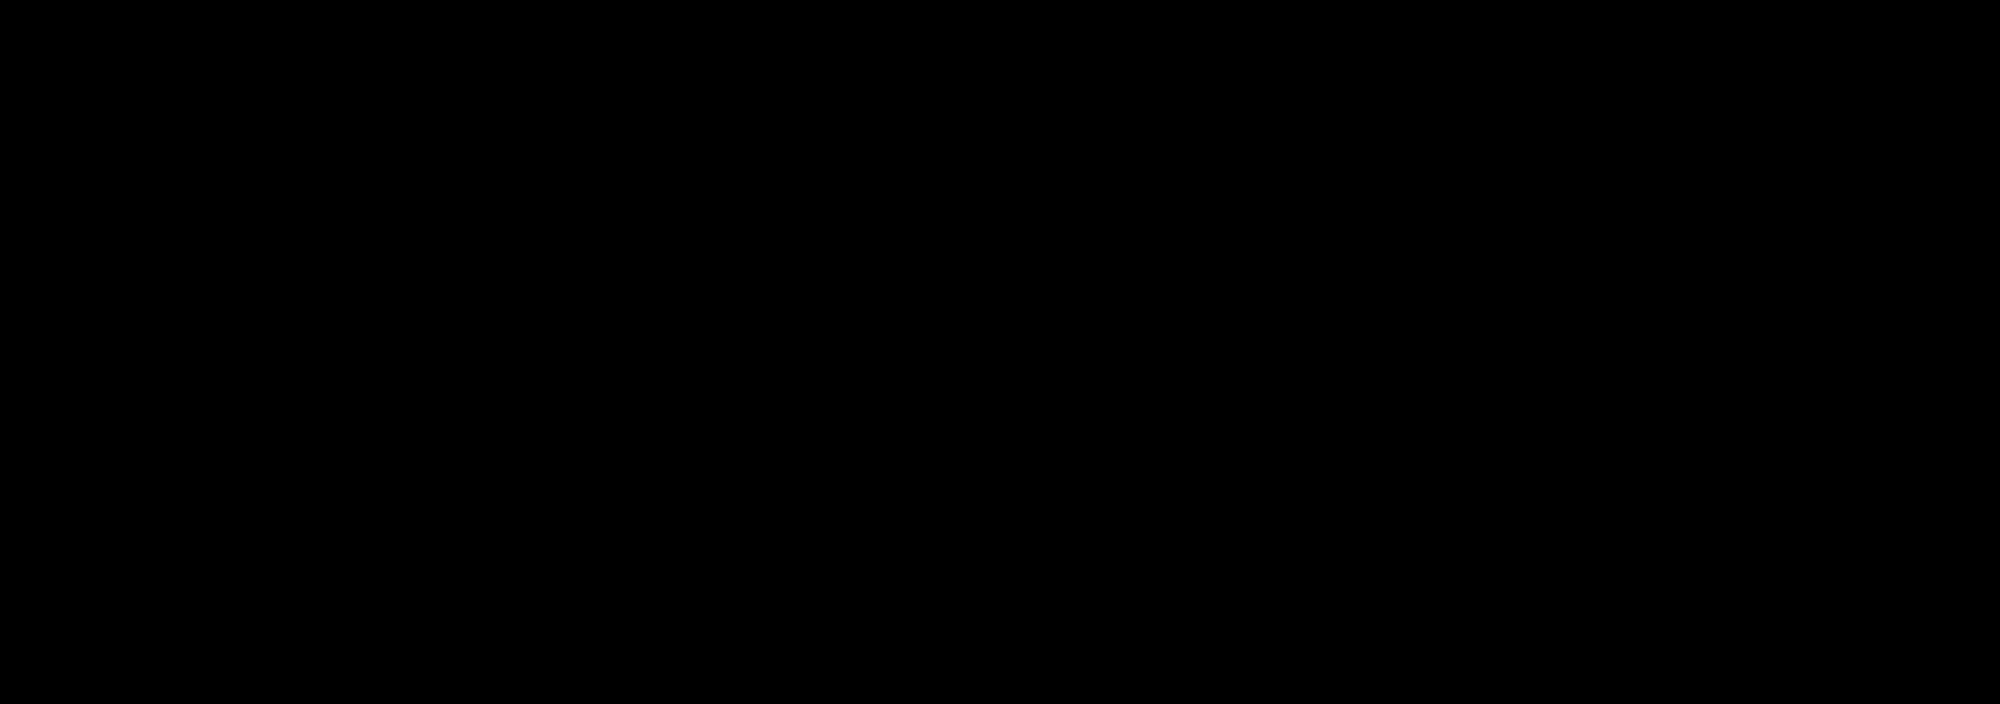 Asics_Logo BW.png